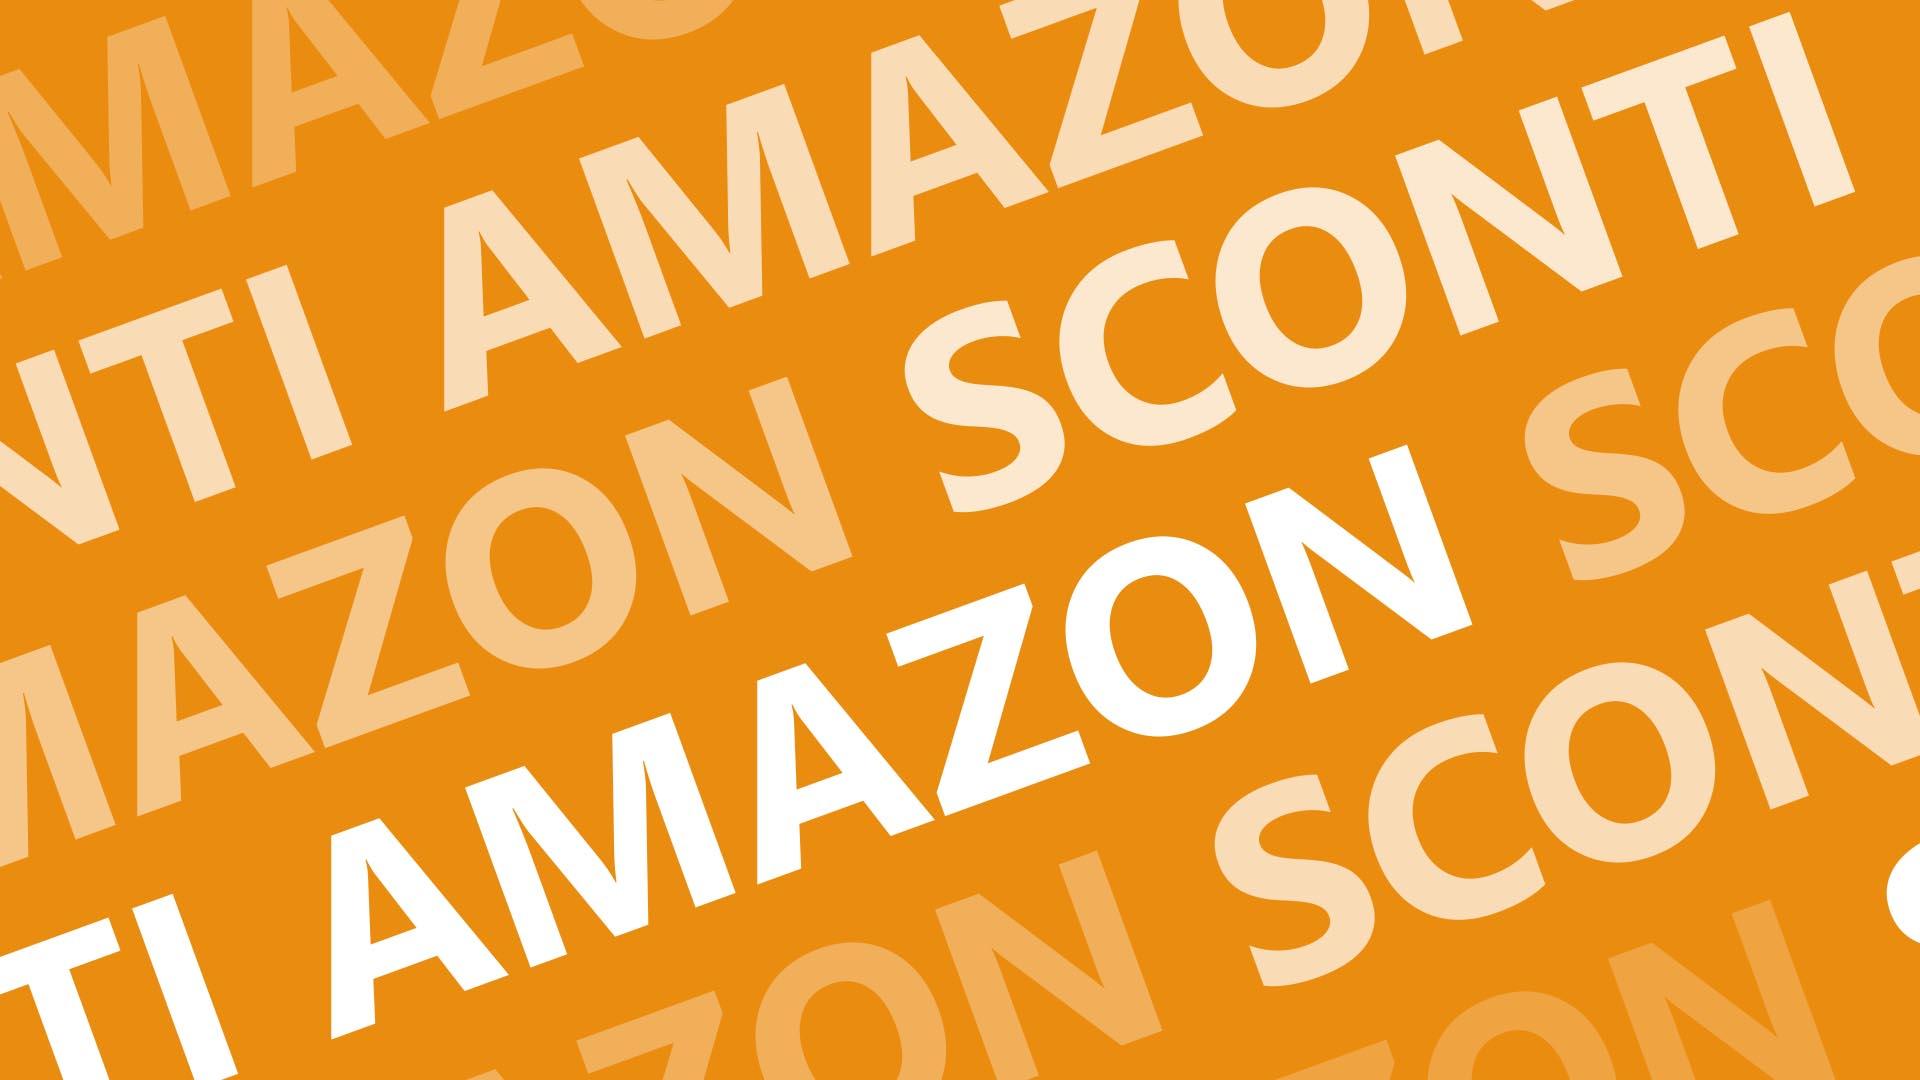 Offerte Amazon di oggi, le 10 migliori offerte lampo dell'8 gennaio 2018